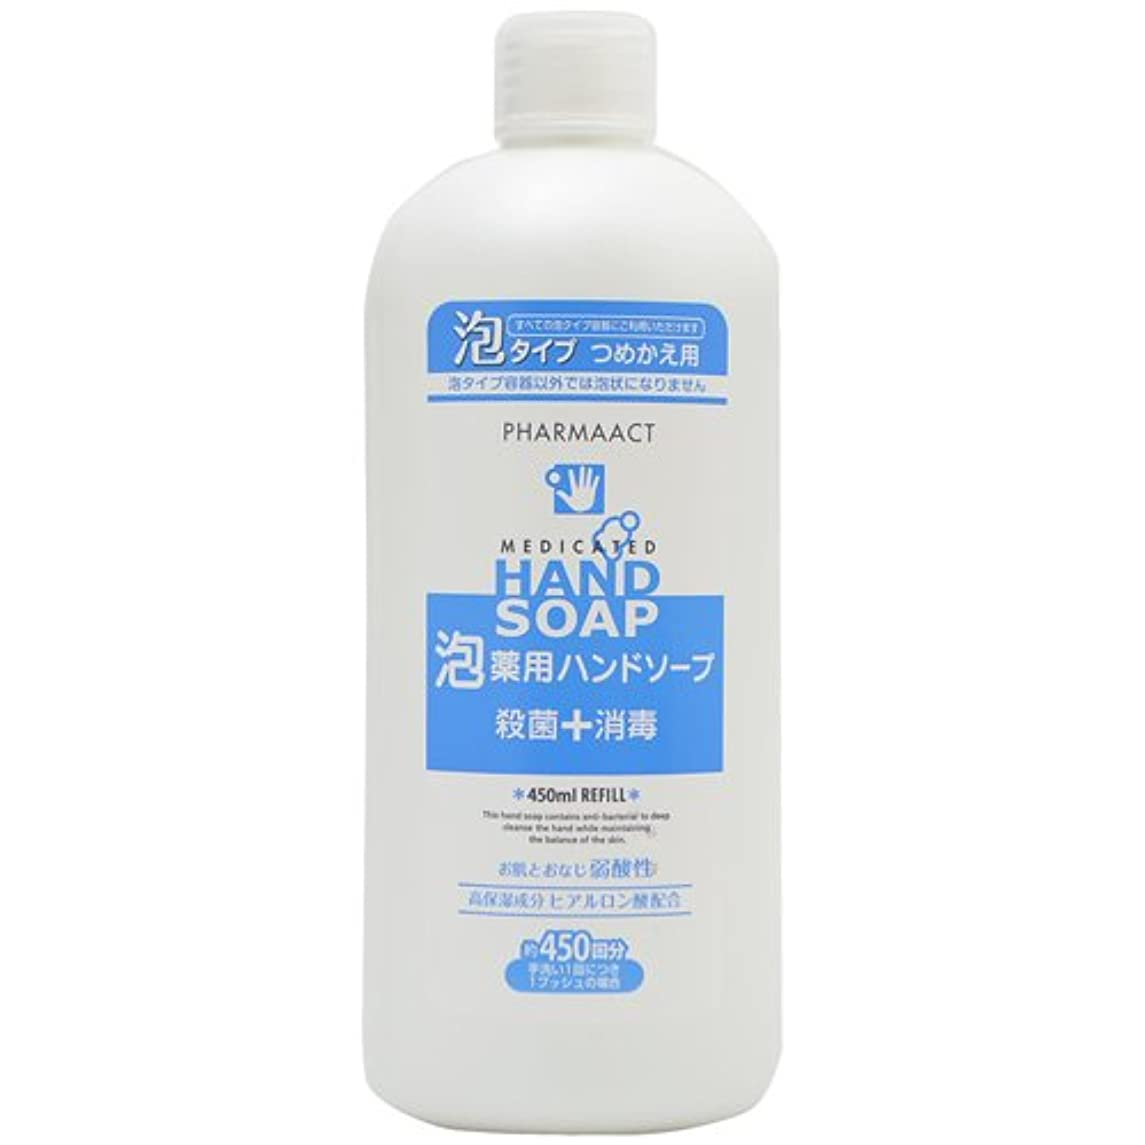 義務的トランスミッション医師熊野油脂 ファーマアクト 薬用泡ハンドソープ つめかえ用 450ml×24点セット (4513574017603)